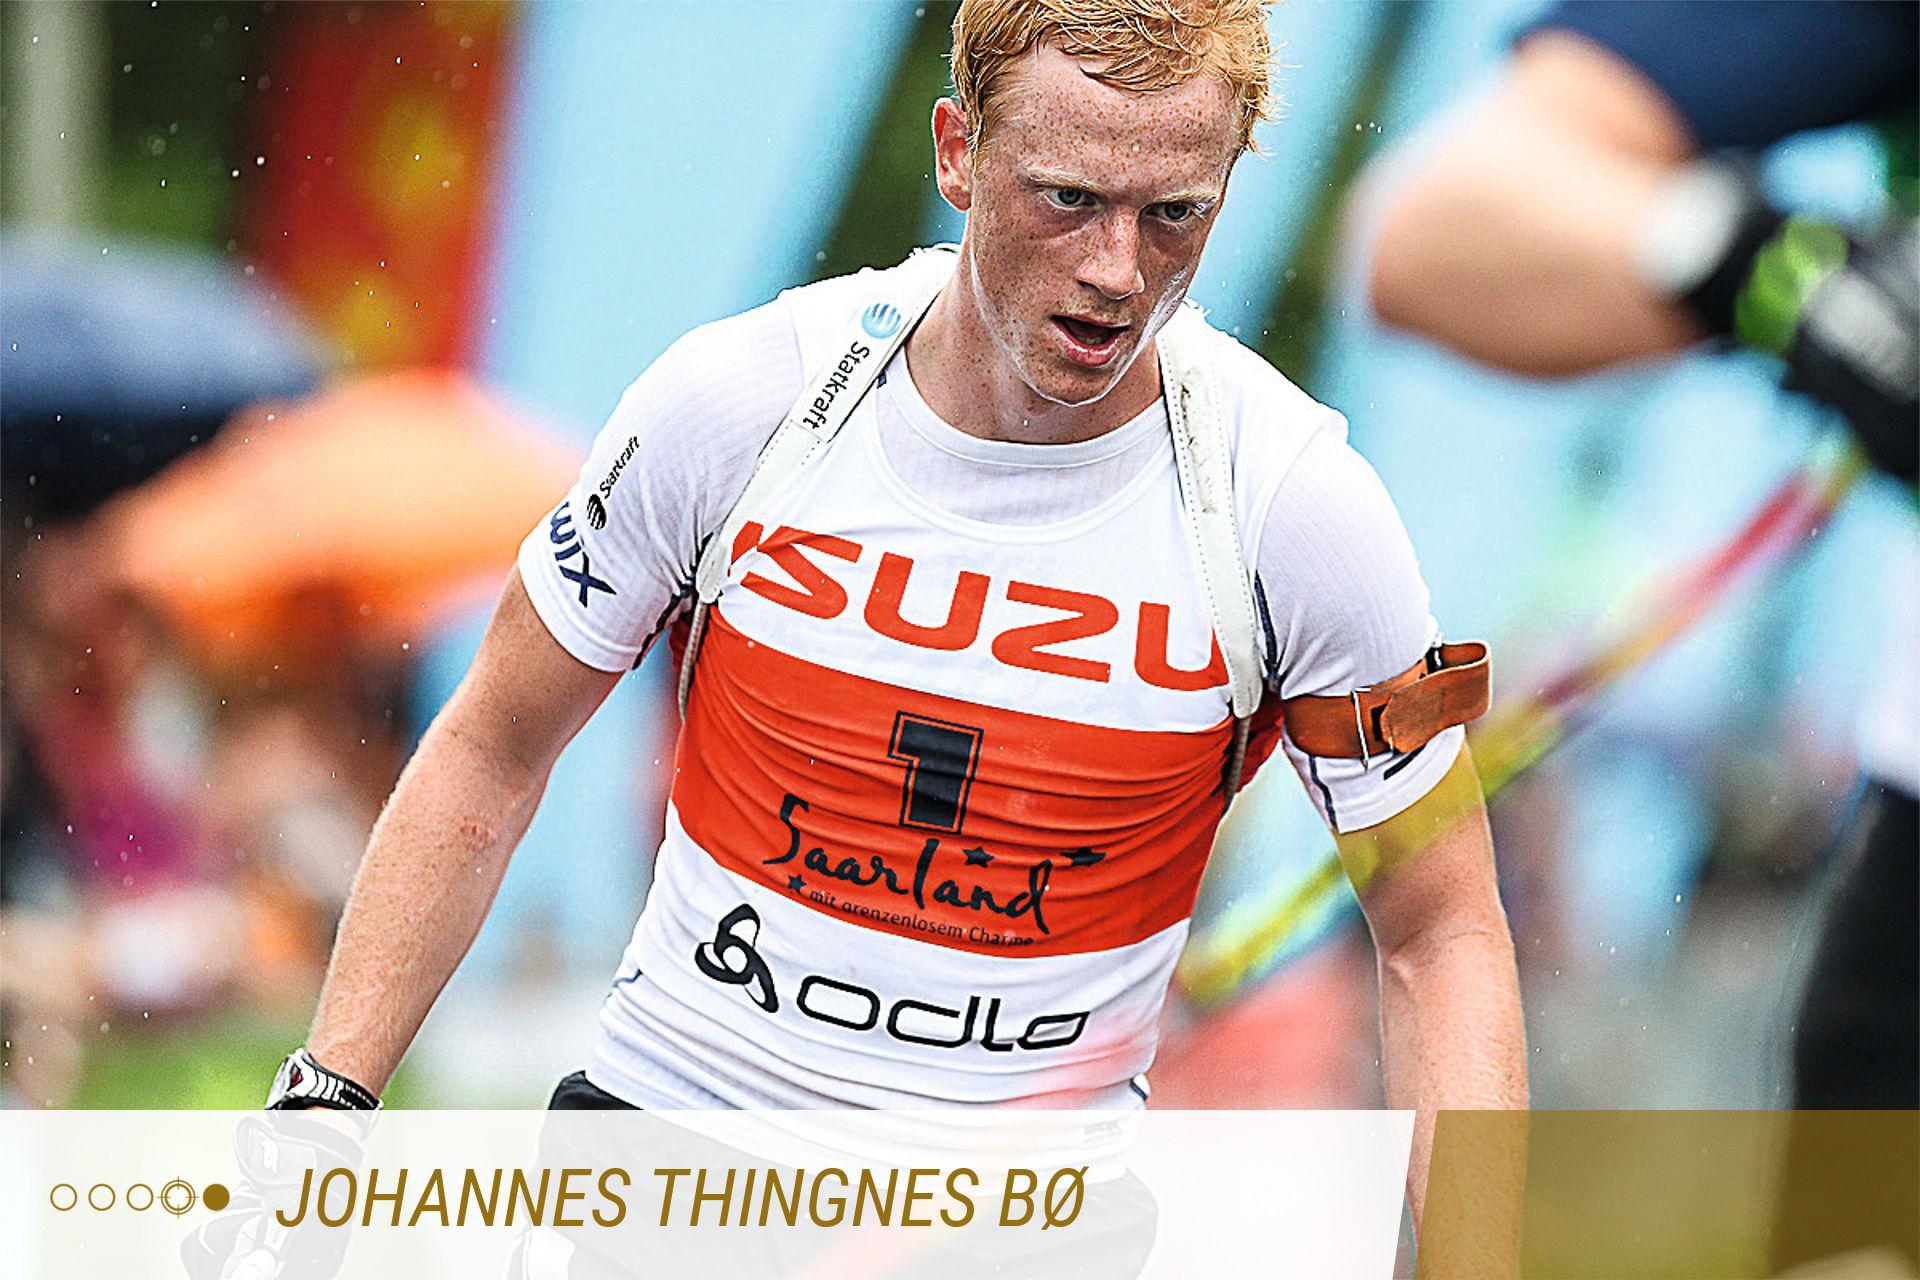 Athleten_Historie_JohannesThingnesBo